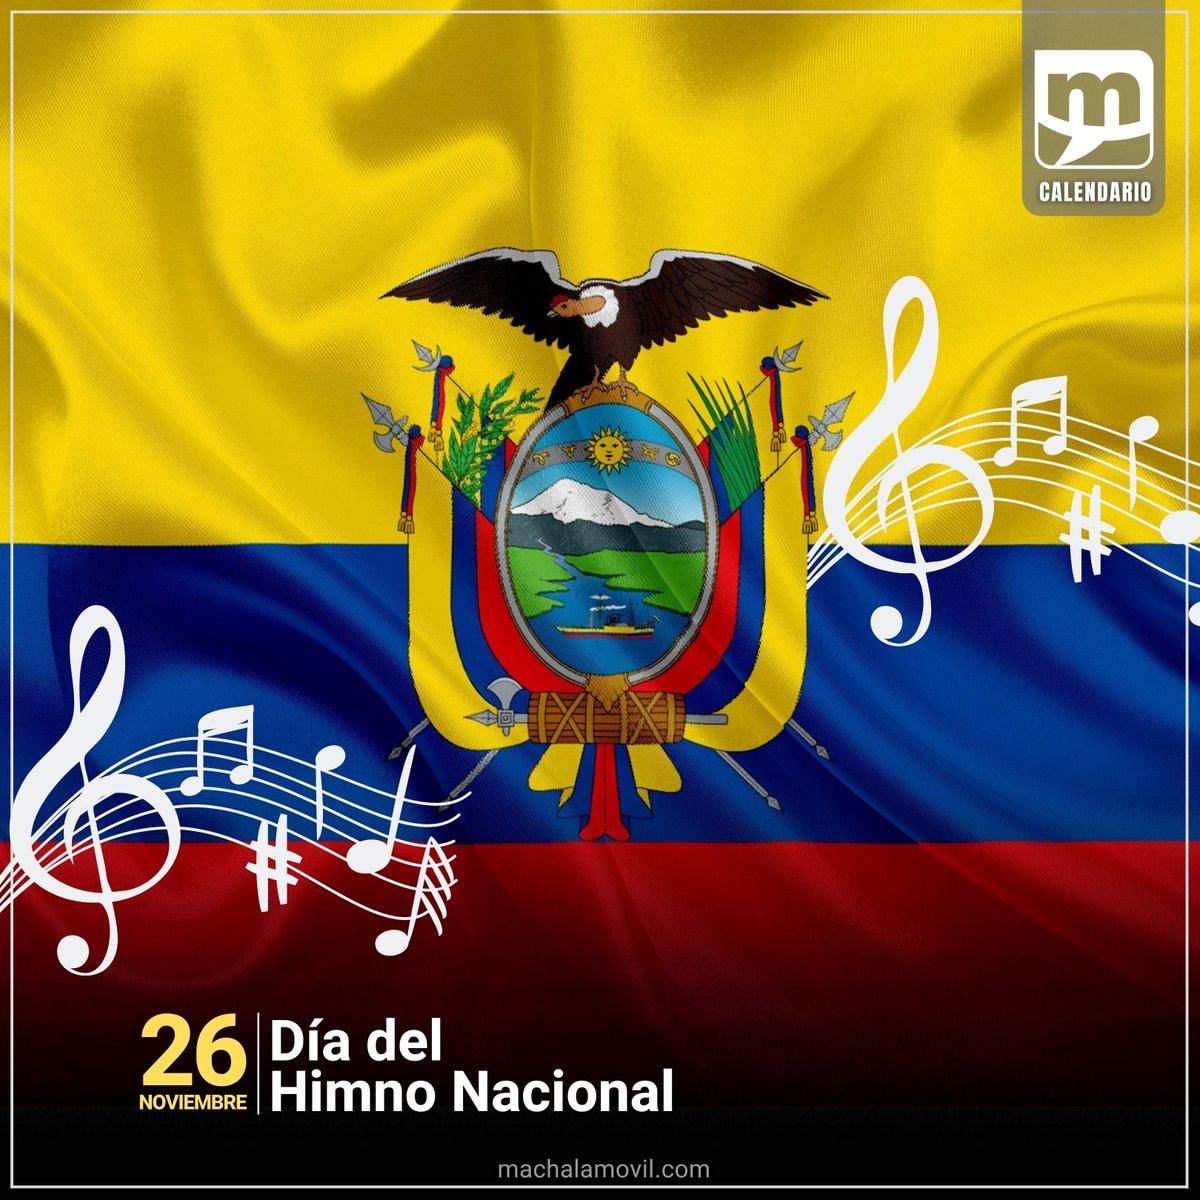 Este 26 de noviembre celebramos el Día del Himno Nacional de Ecuador. Nuestro noble y glorioso símbolo patrio nació de la mente y talento del poeta Juan León Mera y el músico Antonio Neumane.   #DíaDelHimnoNacional https://t.co/CnFsY7FZcv